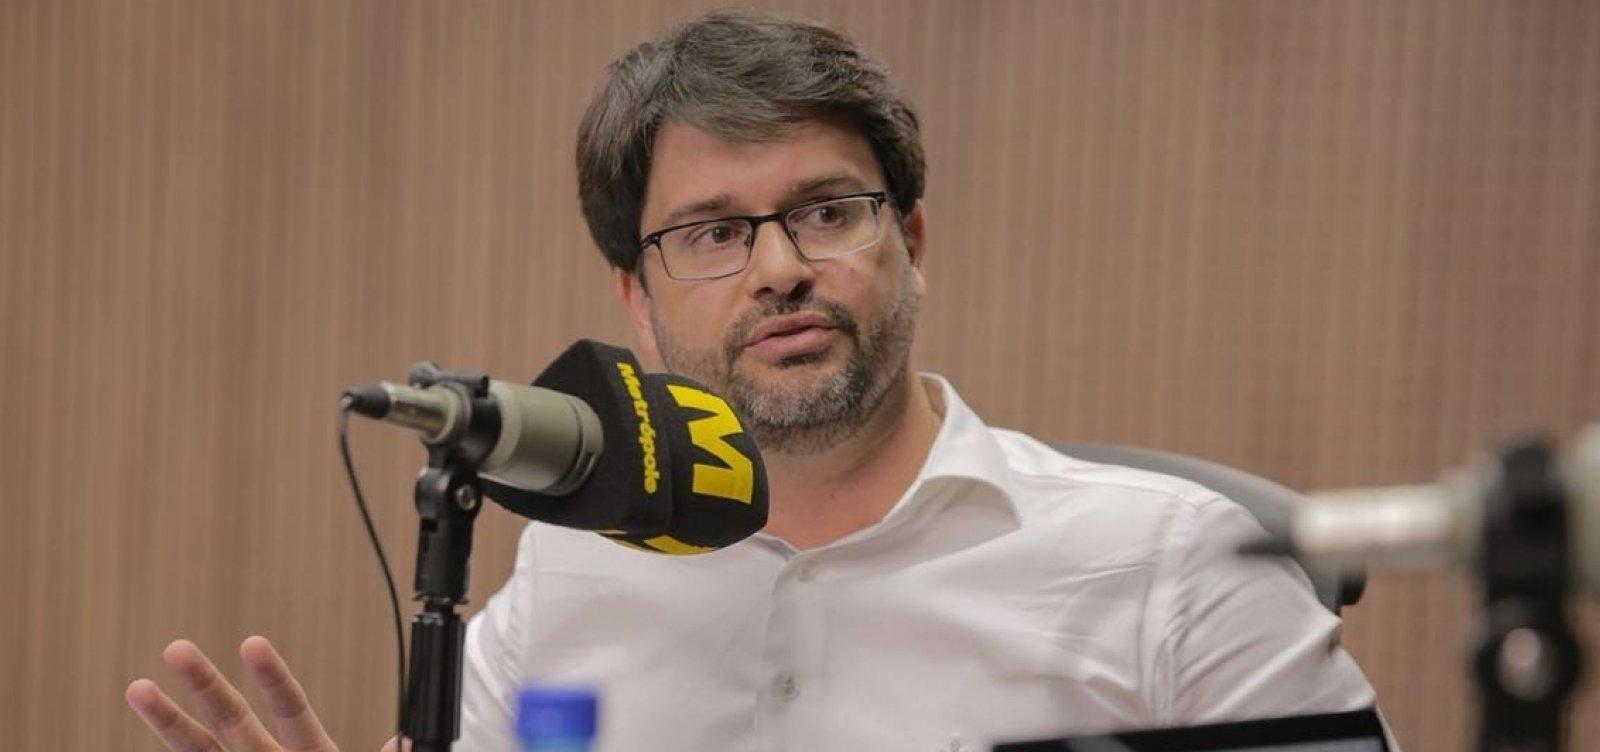 Presidente do Bahia diz que atual modelo do VAR traz 'insegurança'